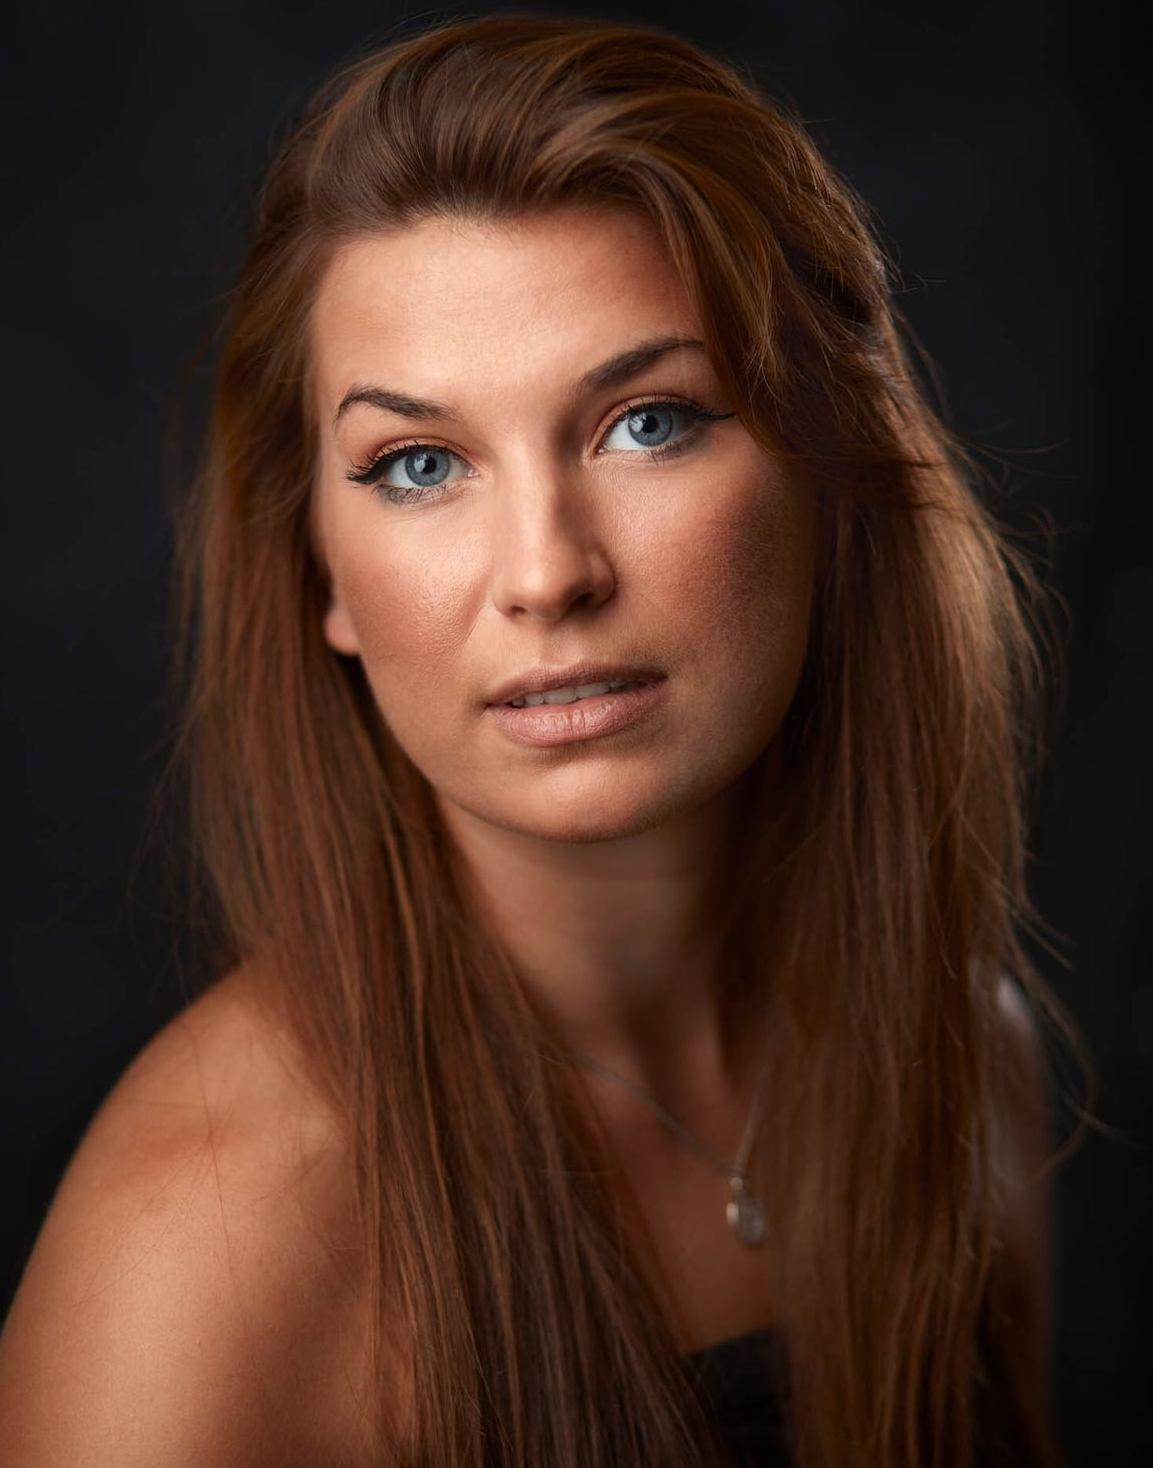 Susie Mandleberg Headshot